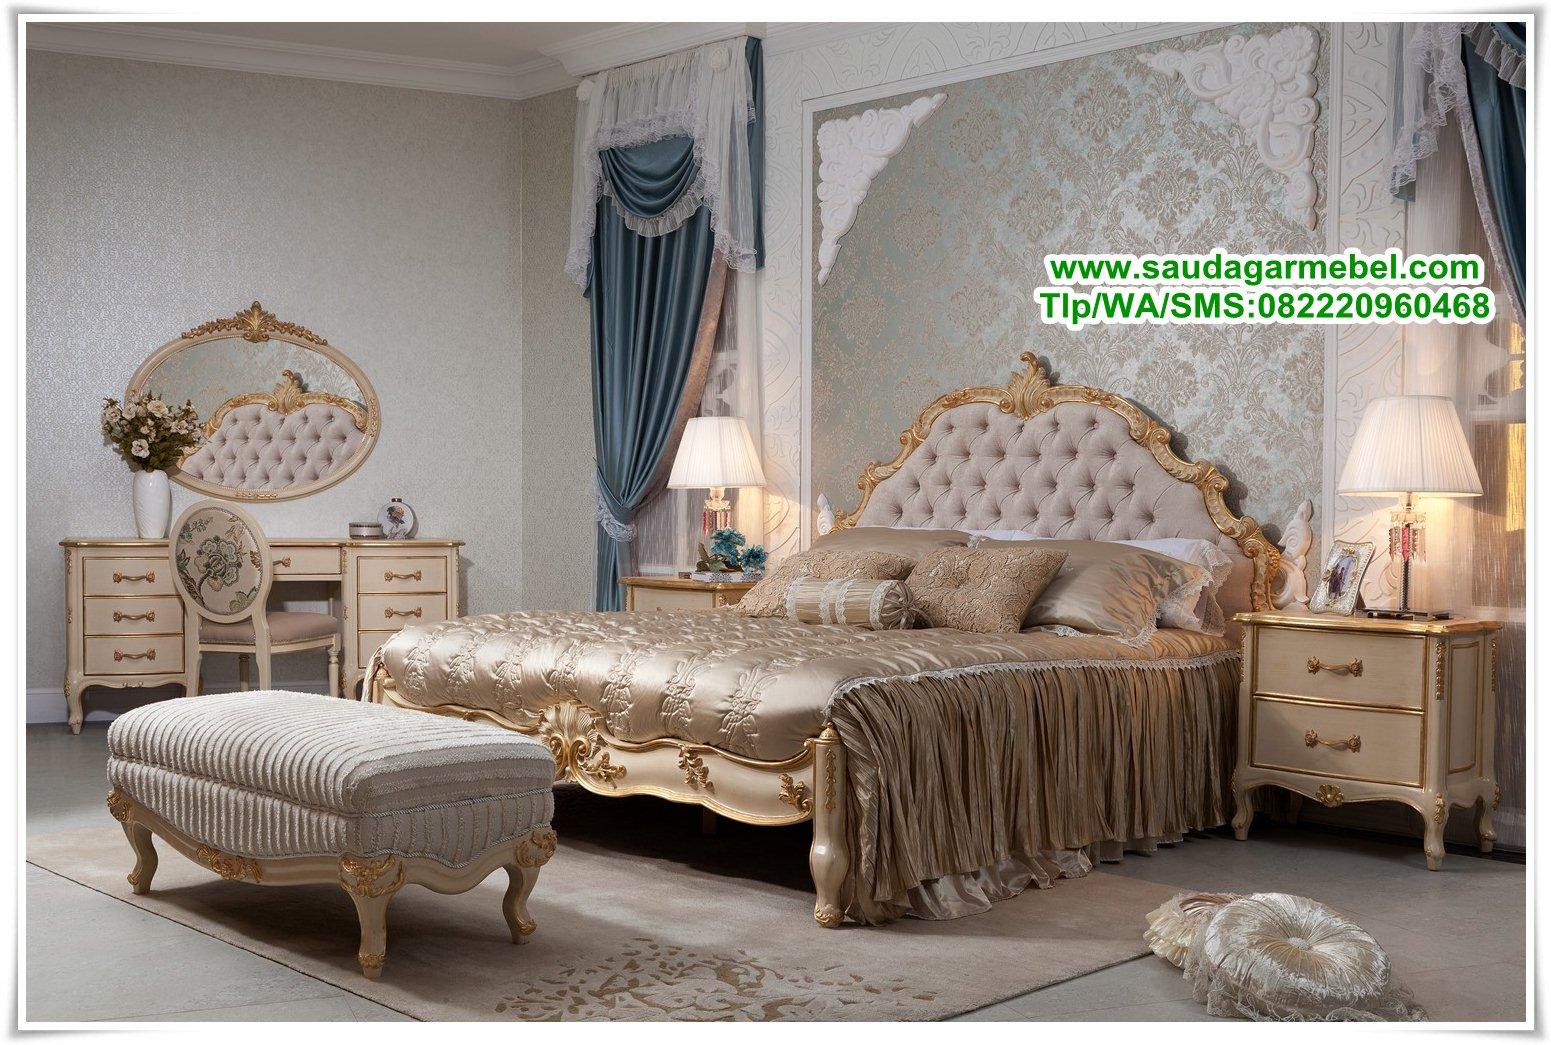 Tempat Tidur Mewah Pengantin Terbaru, Tempat Tidur Pengantin Terbaru, Harga Tempat Tidur Pengantin, Kamar Set Pengantin Minimalis, Tempat Tidur, Dipan Jati, Tempat Tidur Minimalis, Model Tempat Tidur Pengantin, tempat tidur jati jepara terbaru, model kamar set mewah, kamar set klasik modern, gambar dipan minimalis, dipan anak, tempat tidur anak, tempat tidu minimalis, bed room set, set tempat tidur, model tempat tidur minimalis, model tempat tidur, desain kamar anak, kamar set, tempat tidur tingkat, sofa bed minimalis, tempat tidur jati, harga tempat tidur anak, tempat tidur kayu, kamar ste anak, tempat tidur anak minimalis, tempat tidur anak murah, tempat tidur terbaru, gambar tempat tidur anak, tempat tidur kayu, tempat tidur jepara, tempat tidur anak laki-laki, tempat tidur kayu jati, tempat tidur kalsik murah, jual tempat tidur minimalis, bed set minimalis, kamar tidur bayi, tempat tidur minimalis terbaru, set kamar tidur minimalis, toko mebel, mebel jepara, furniture jepara, mebel, mebel jati, furniture jati jepara, toko mebel jepara, saudagar mebel, saudagar mebel jepara, interior rumah, model interior kamar, kamar set minimalis, ranjang tidur, sofa bed